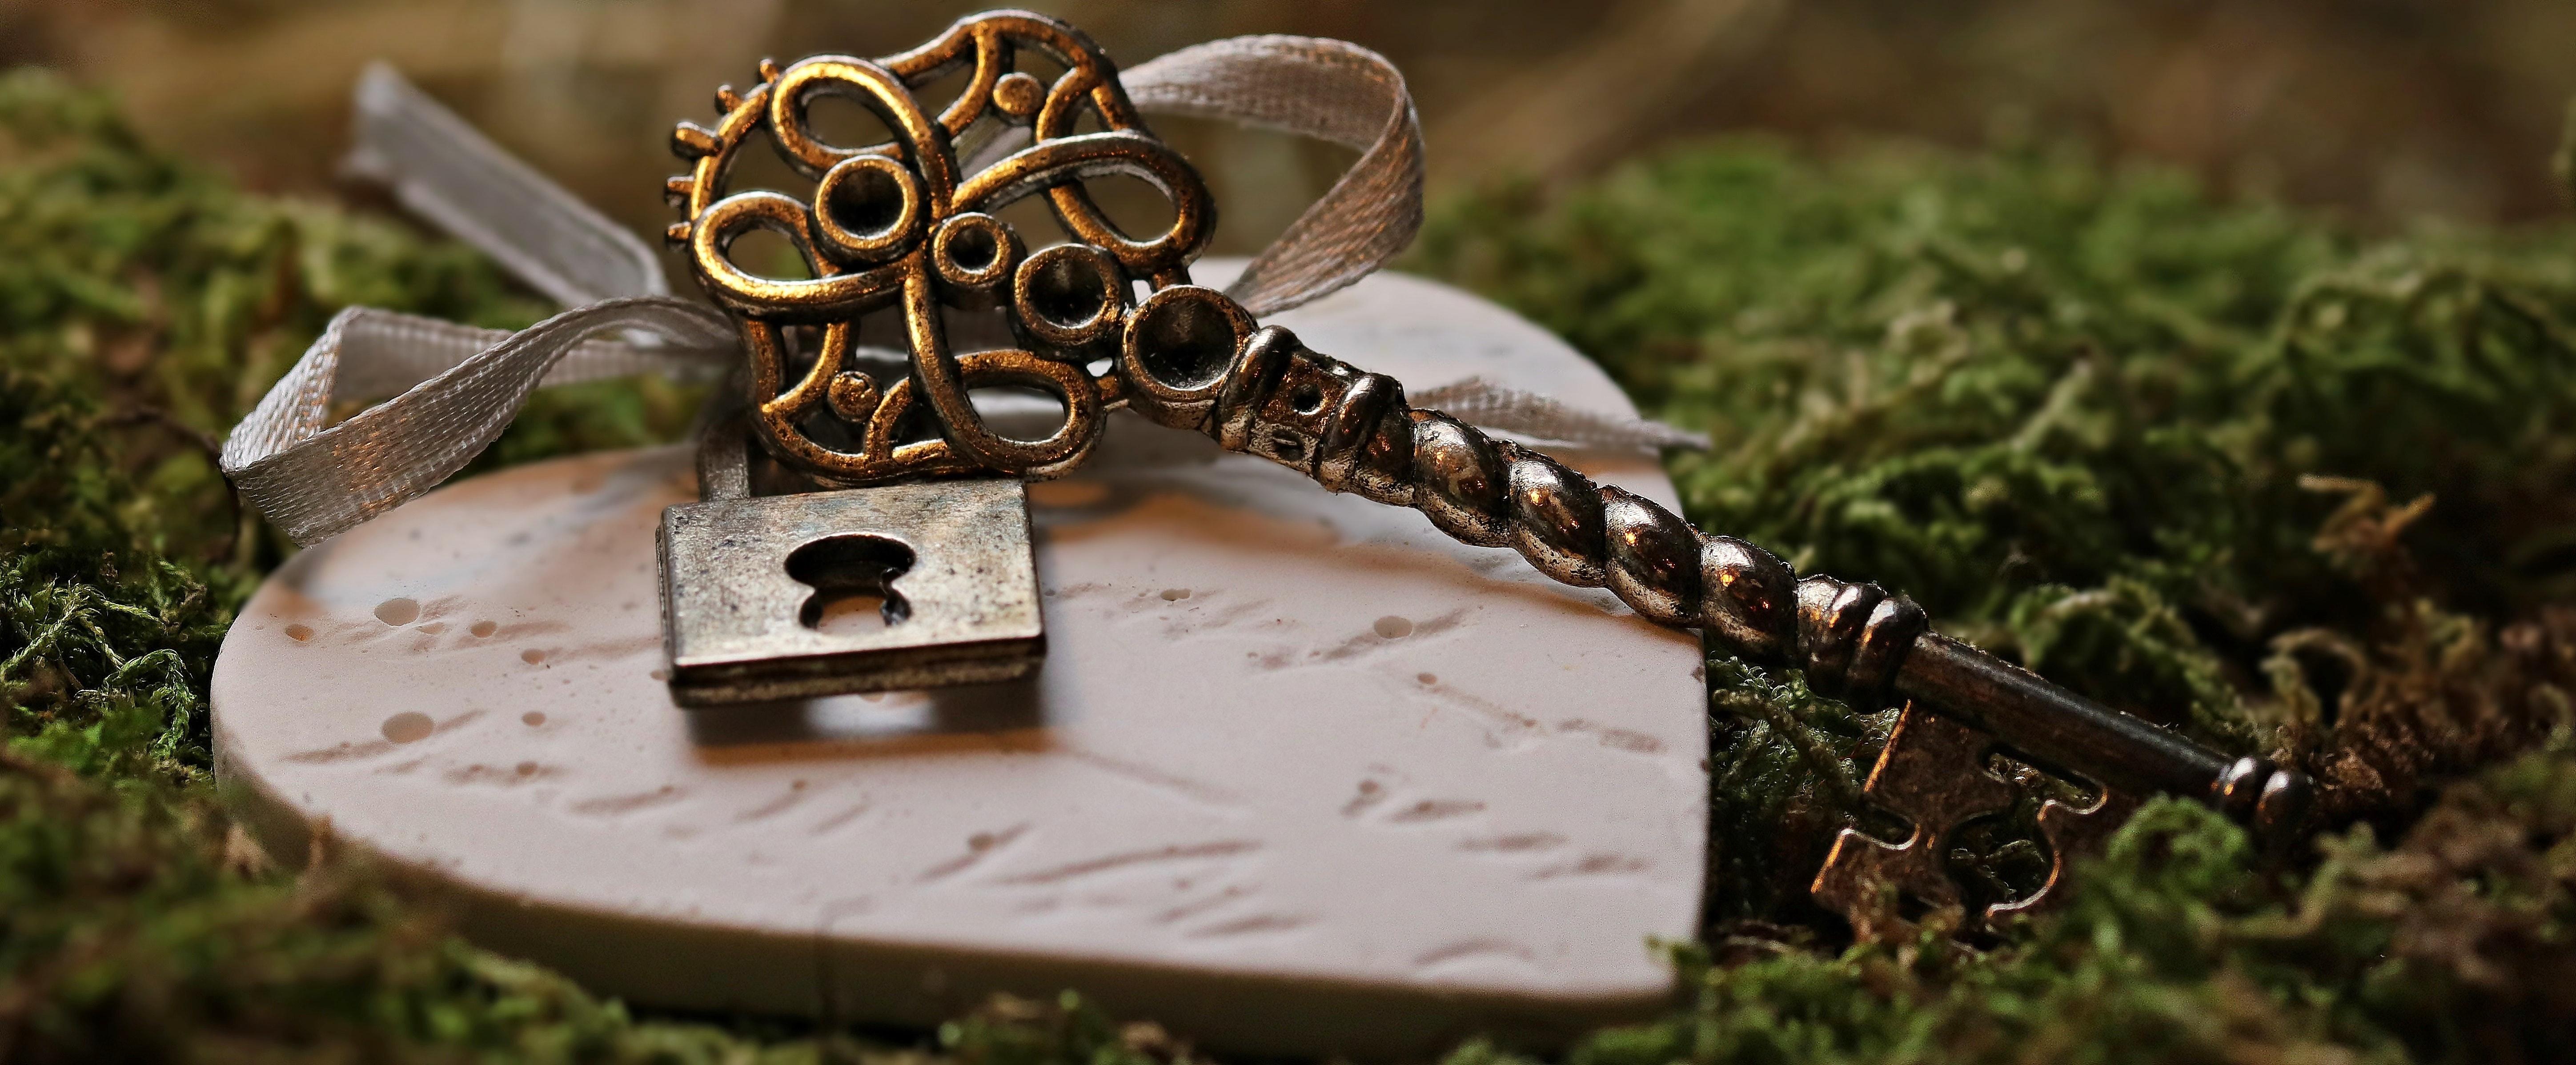 ancient-antique-chain-326616